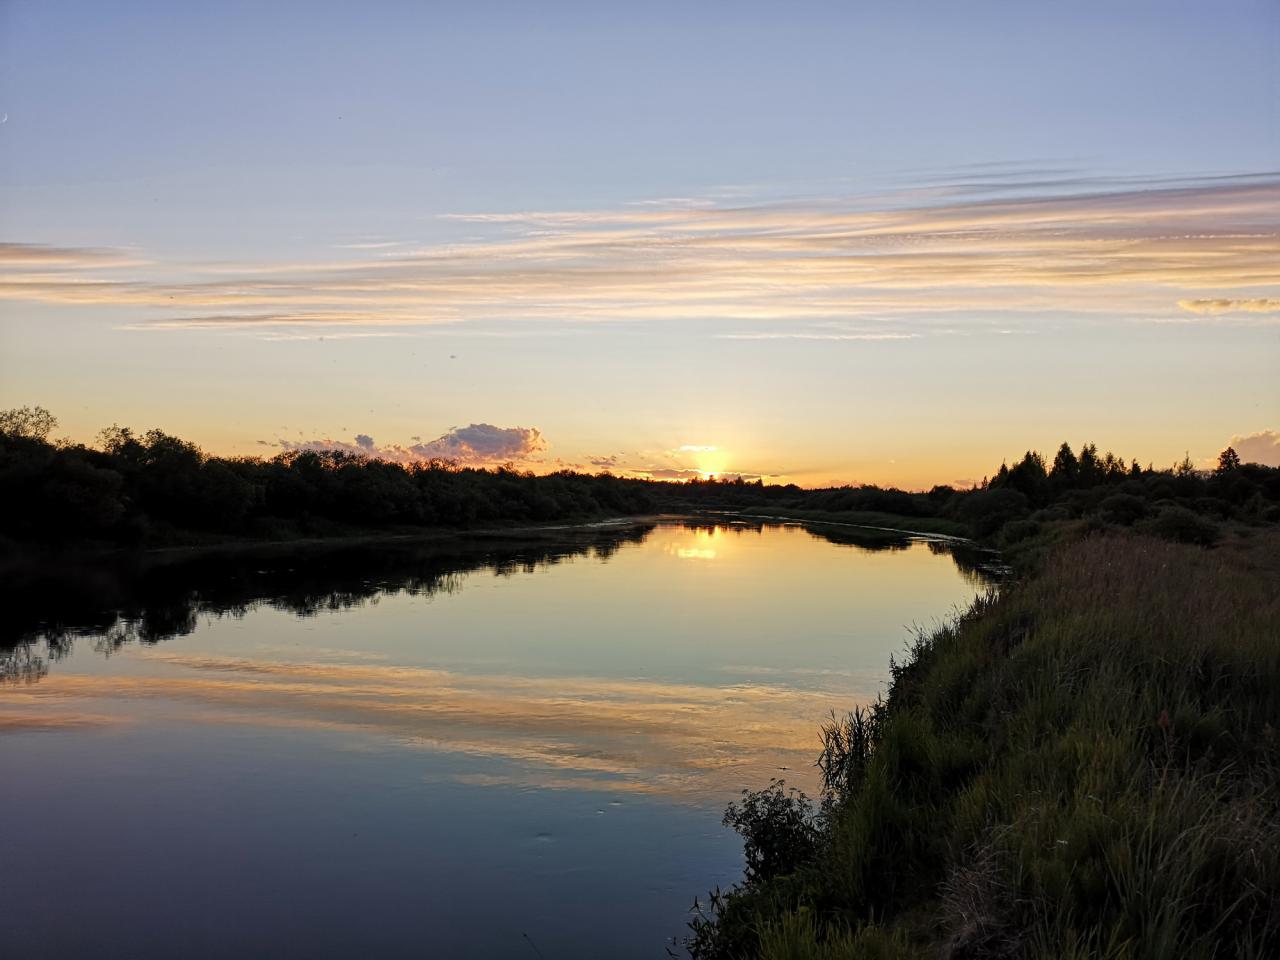 На минувших выходных вывозил шумную компанию давно не ... | Отчеты о рыбалке в Беларуси